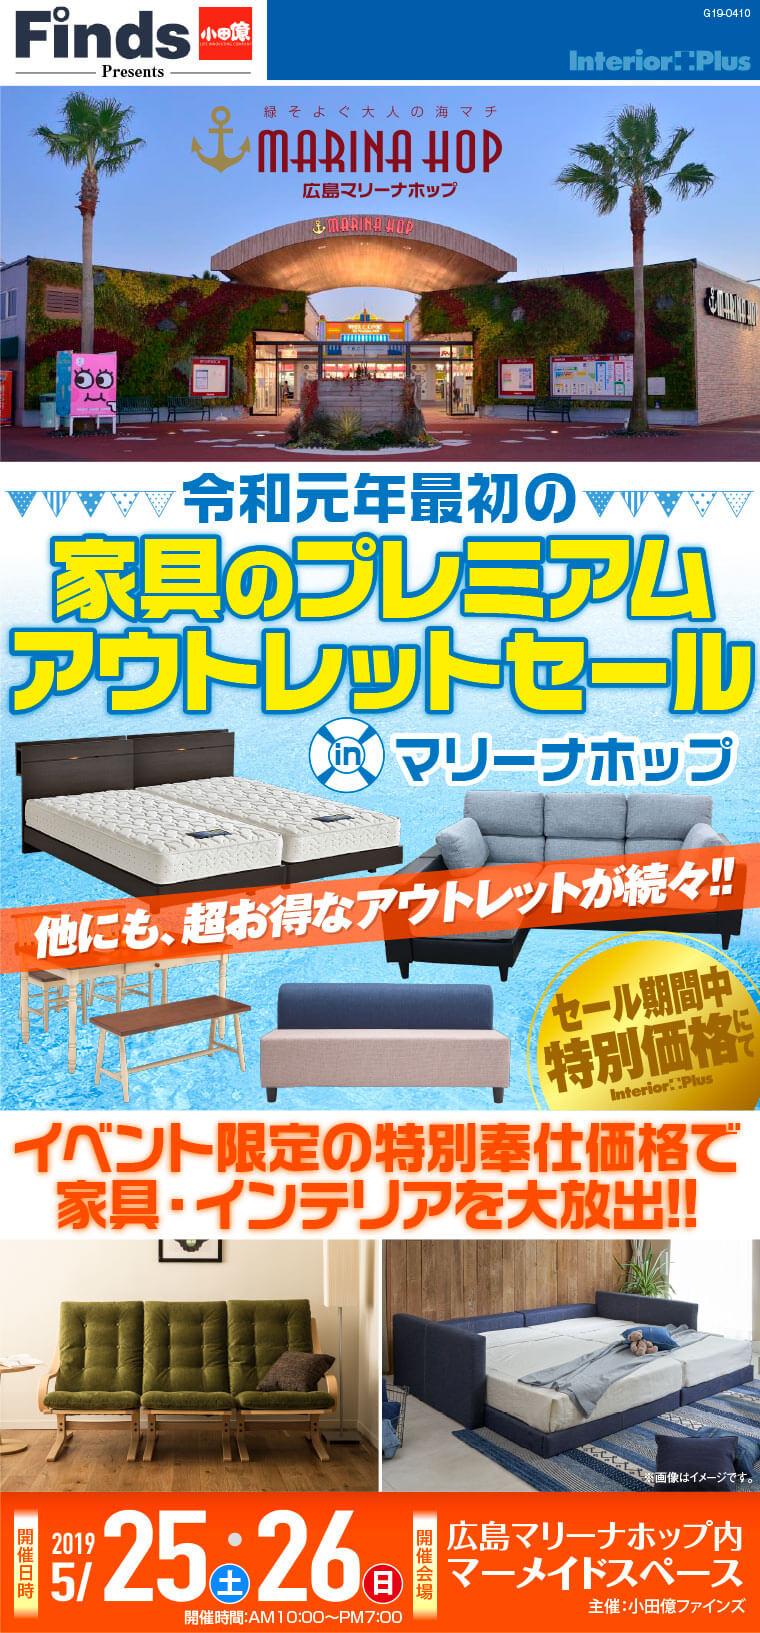 家具のプレミアム・アウトレットセール|広島マリーナホップ